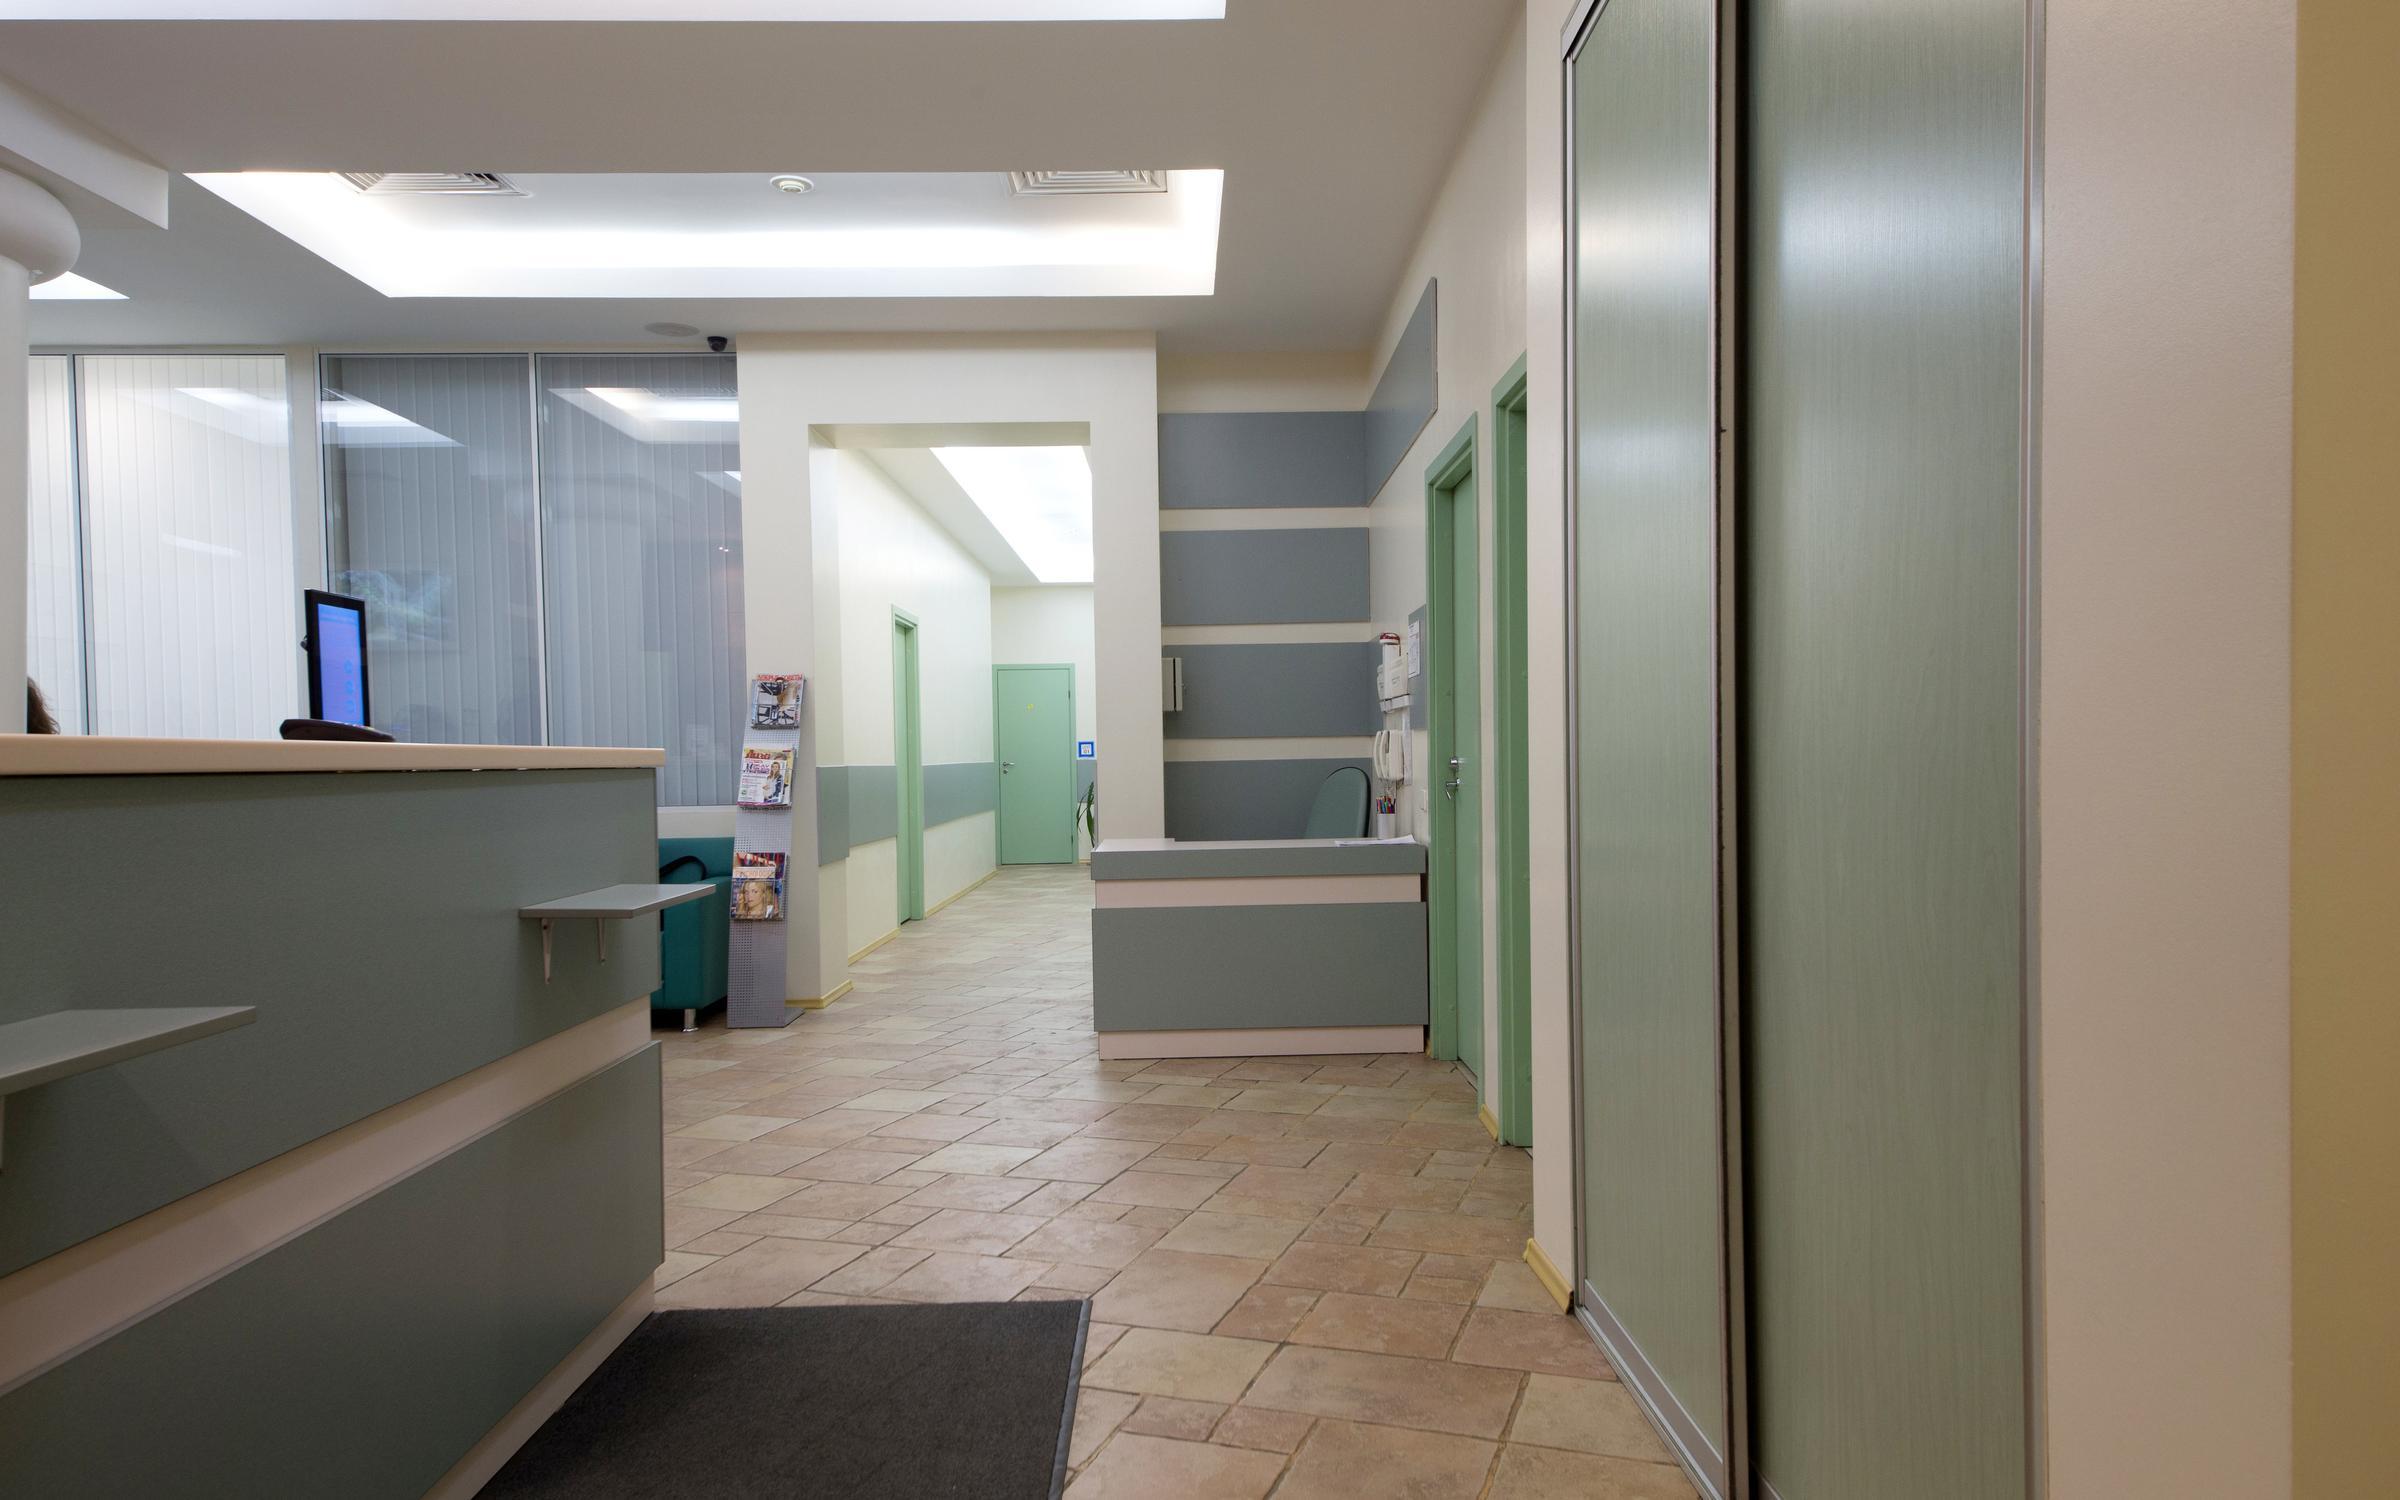 Смоленск первая клиническая больница запись на прием к врачу